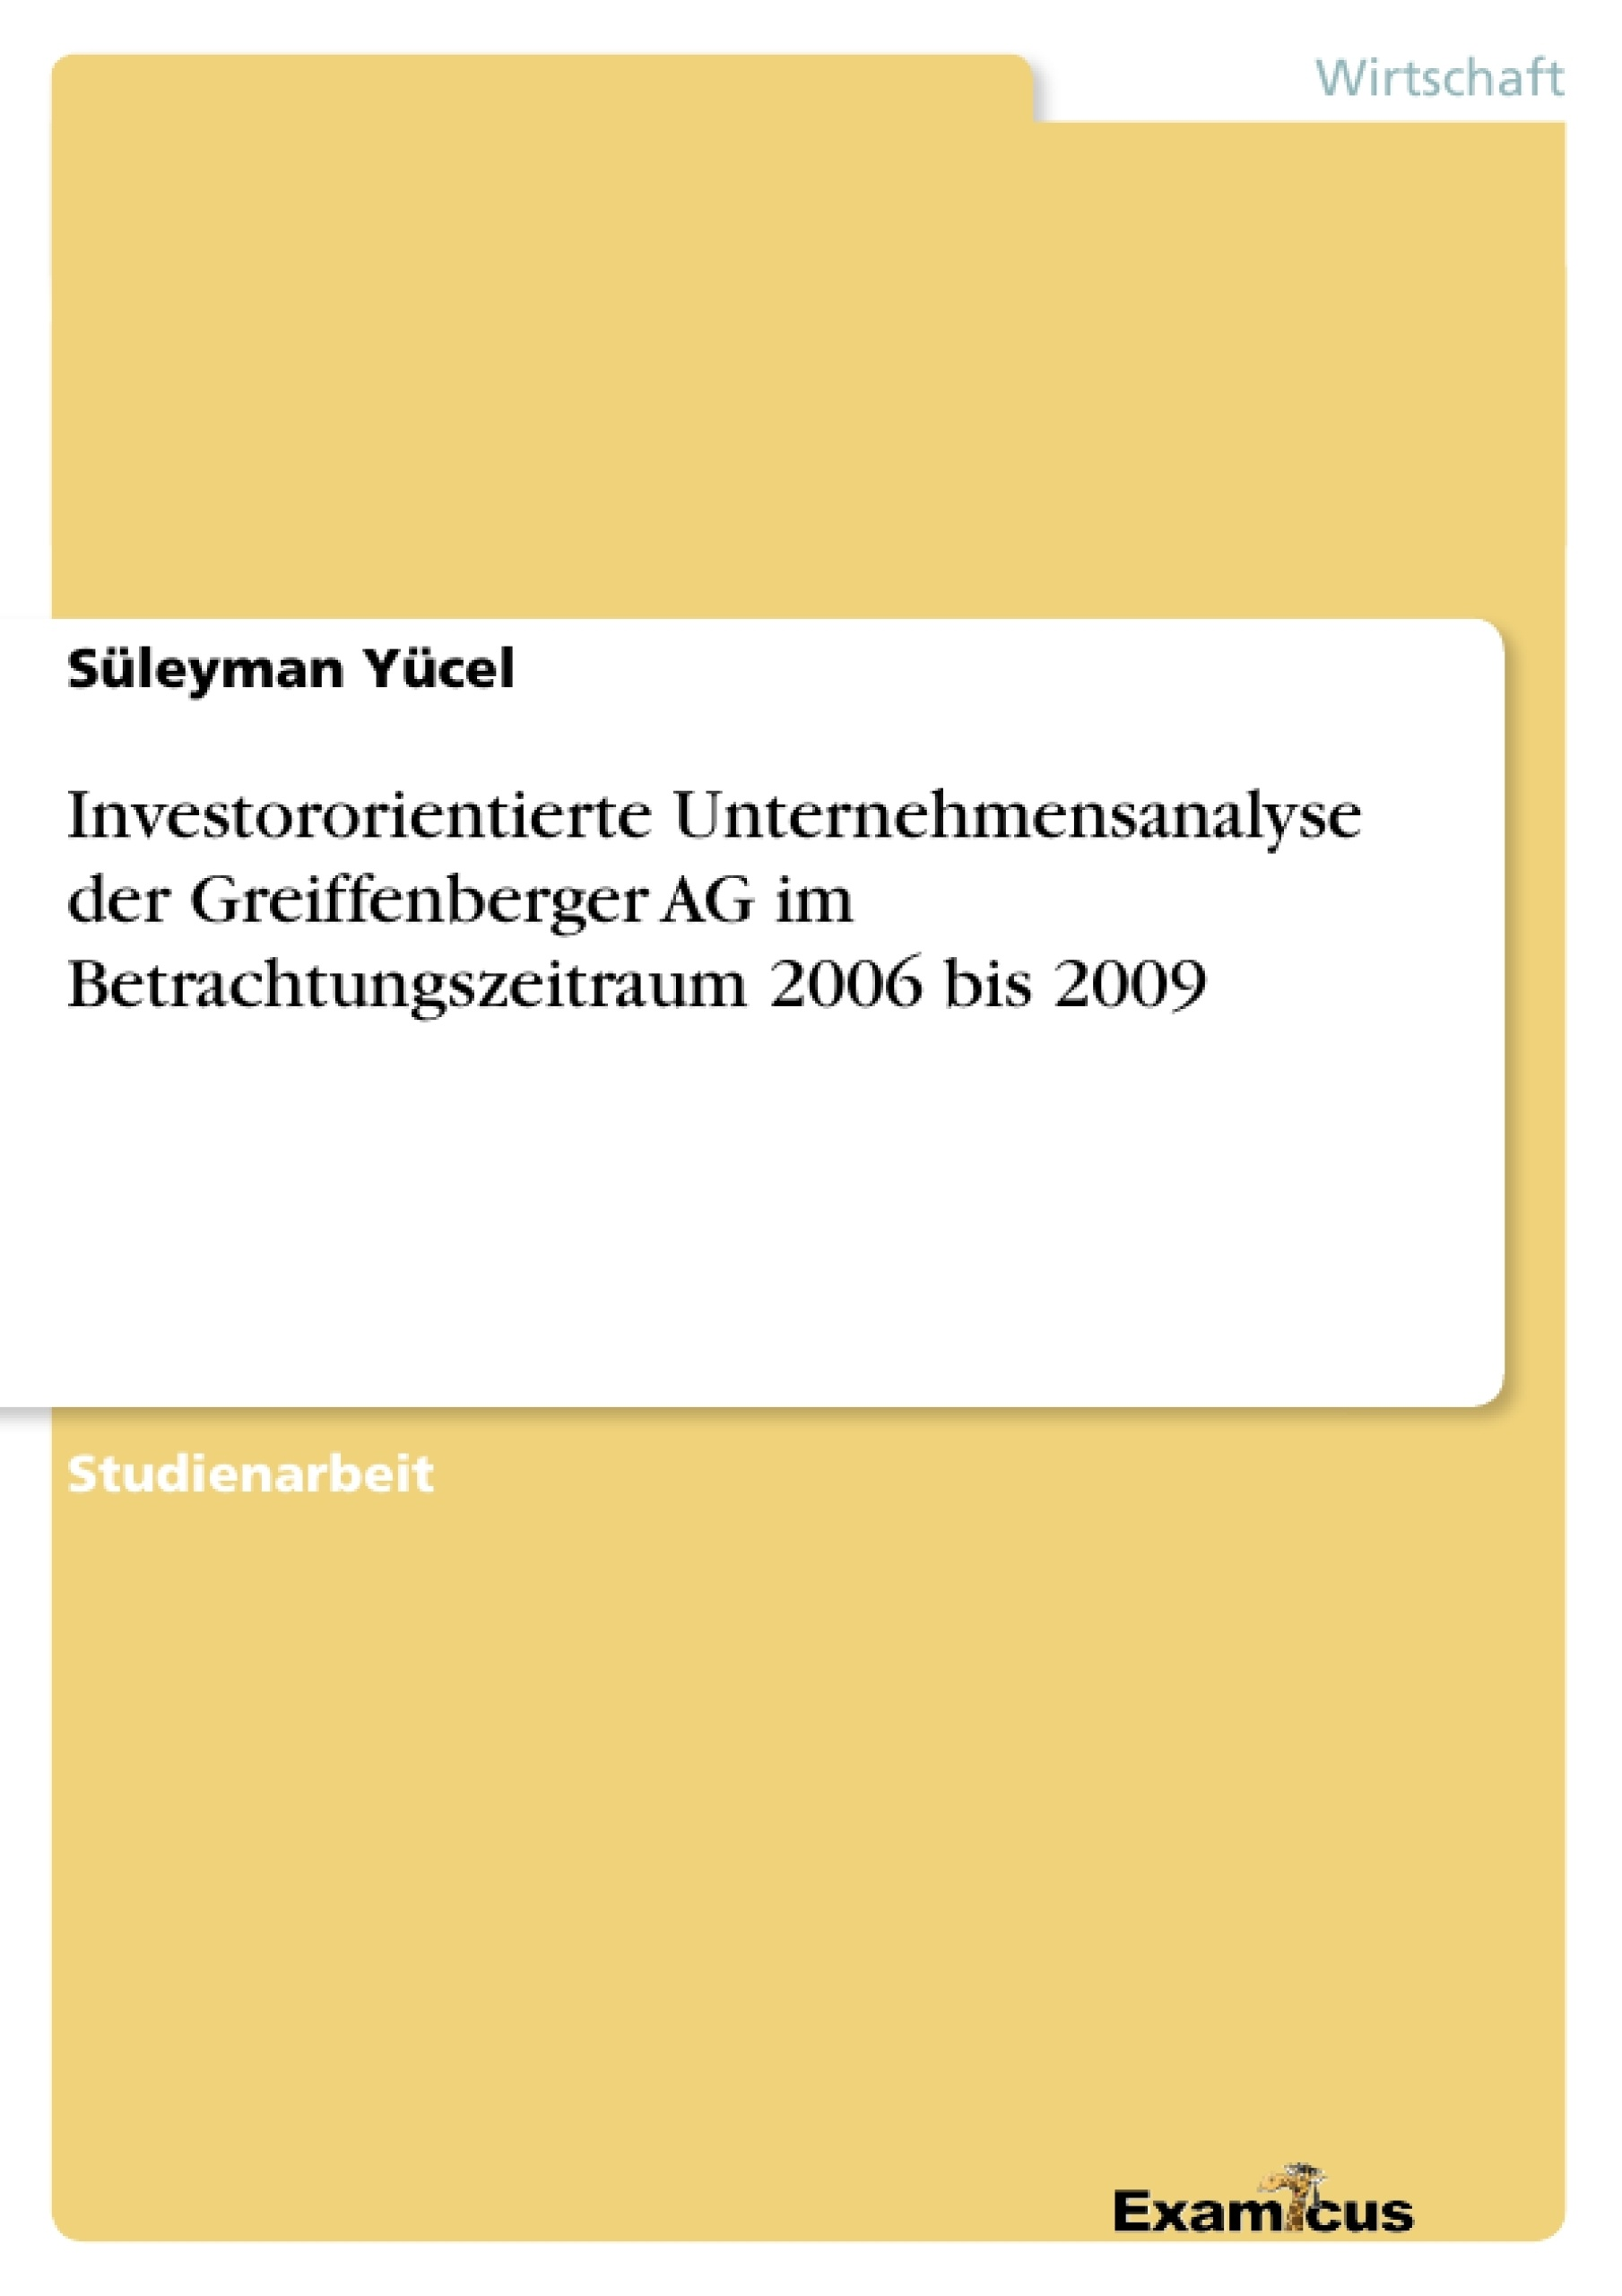 Titel: Investororientierte Unternehmensanalyse der Greiffenberger AG im Betrachtungszeitraum 2006 bis 2009